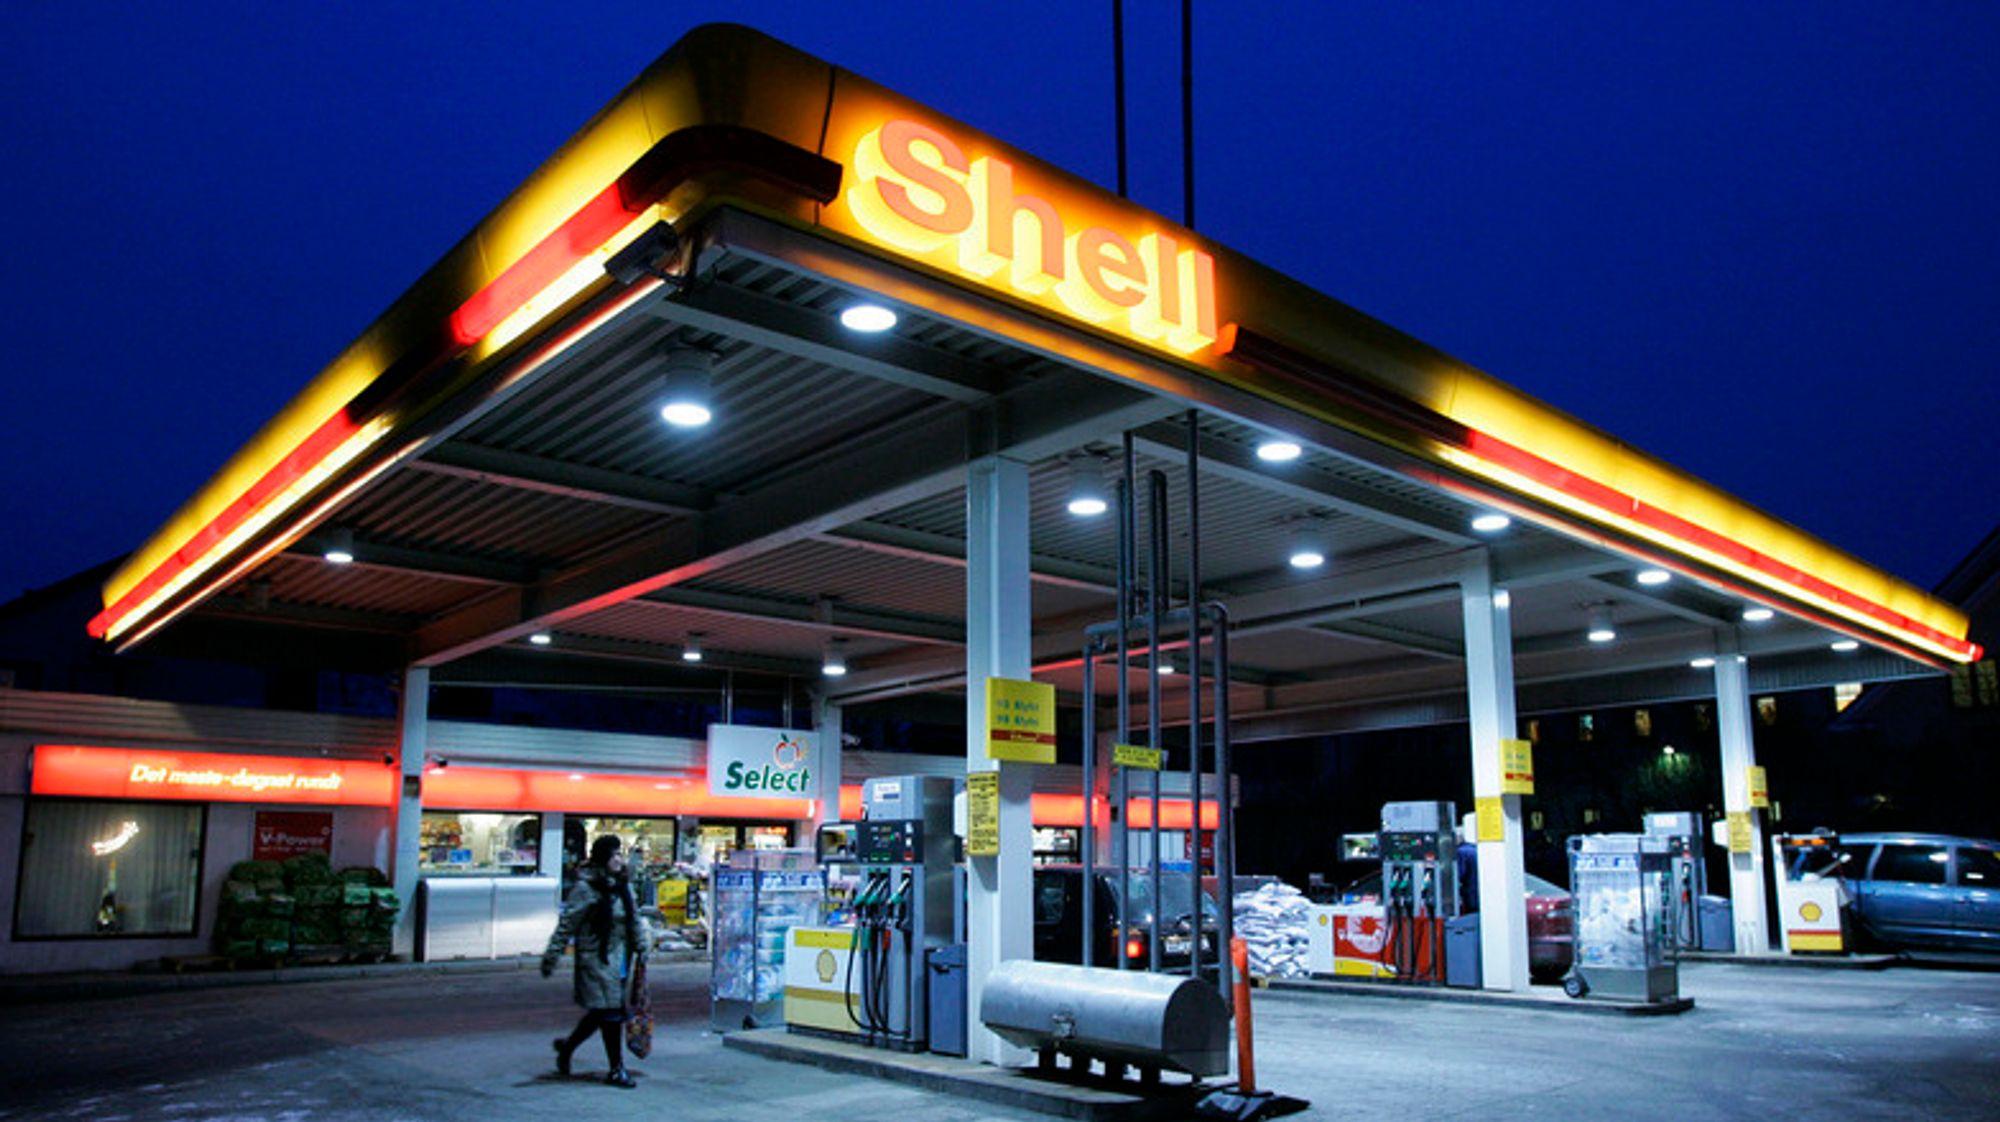 Bensinstasjonen vil måtte endre seg når alternative drivstoff tar over.